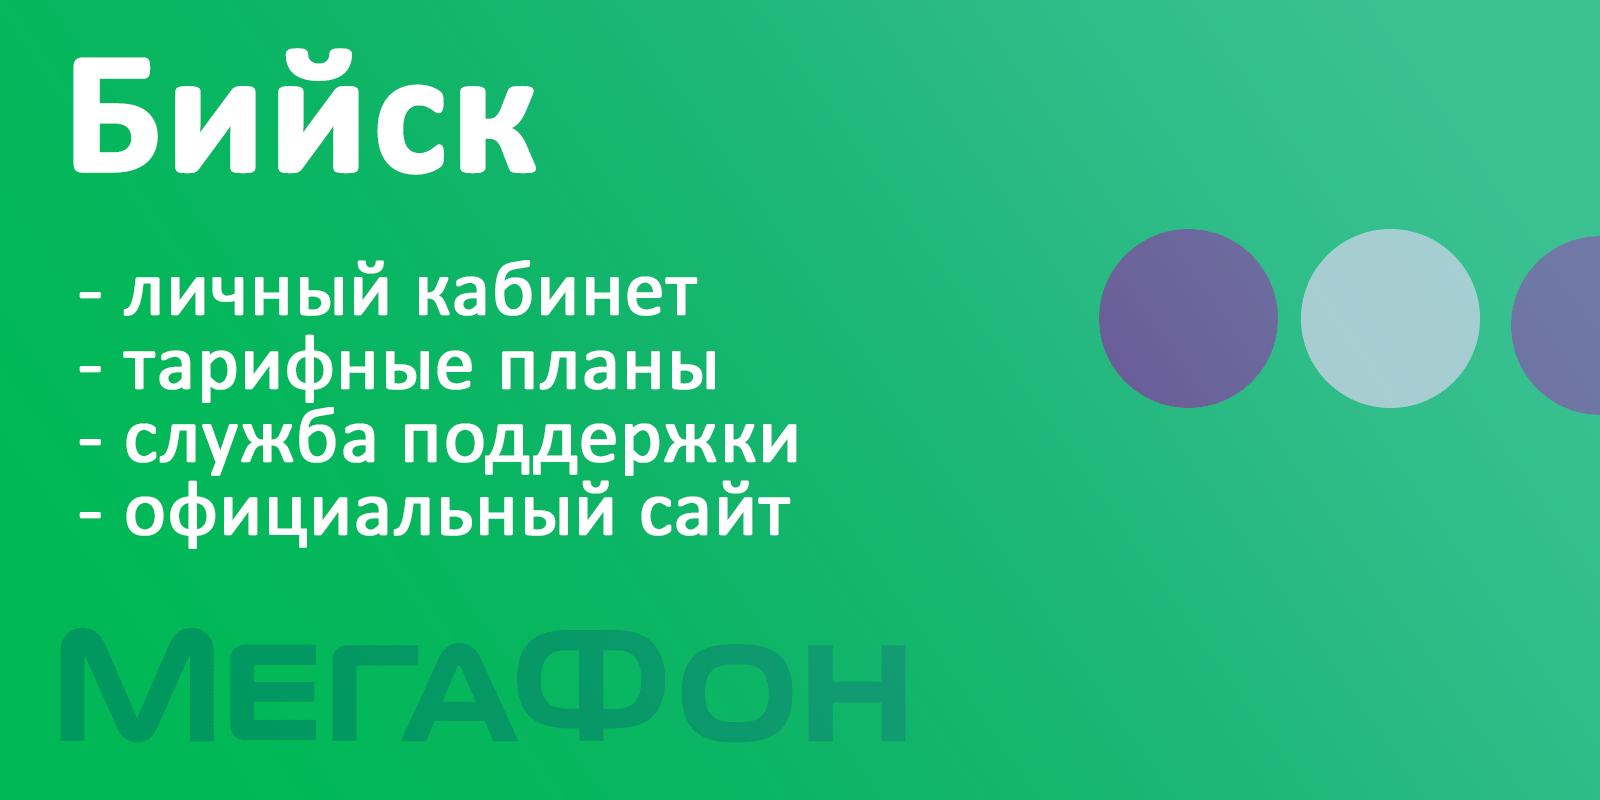 Мегафон Бийск - тарифы, каталог товаров, официальный сайт